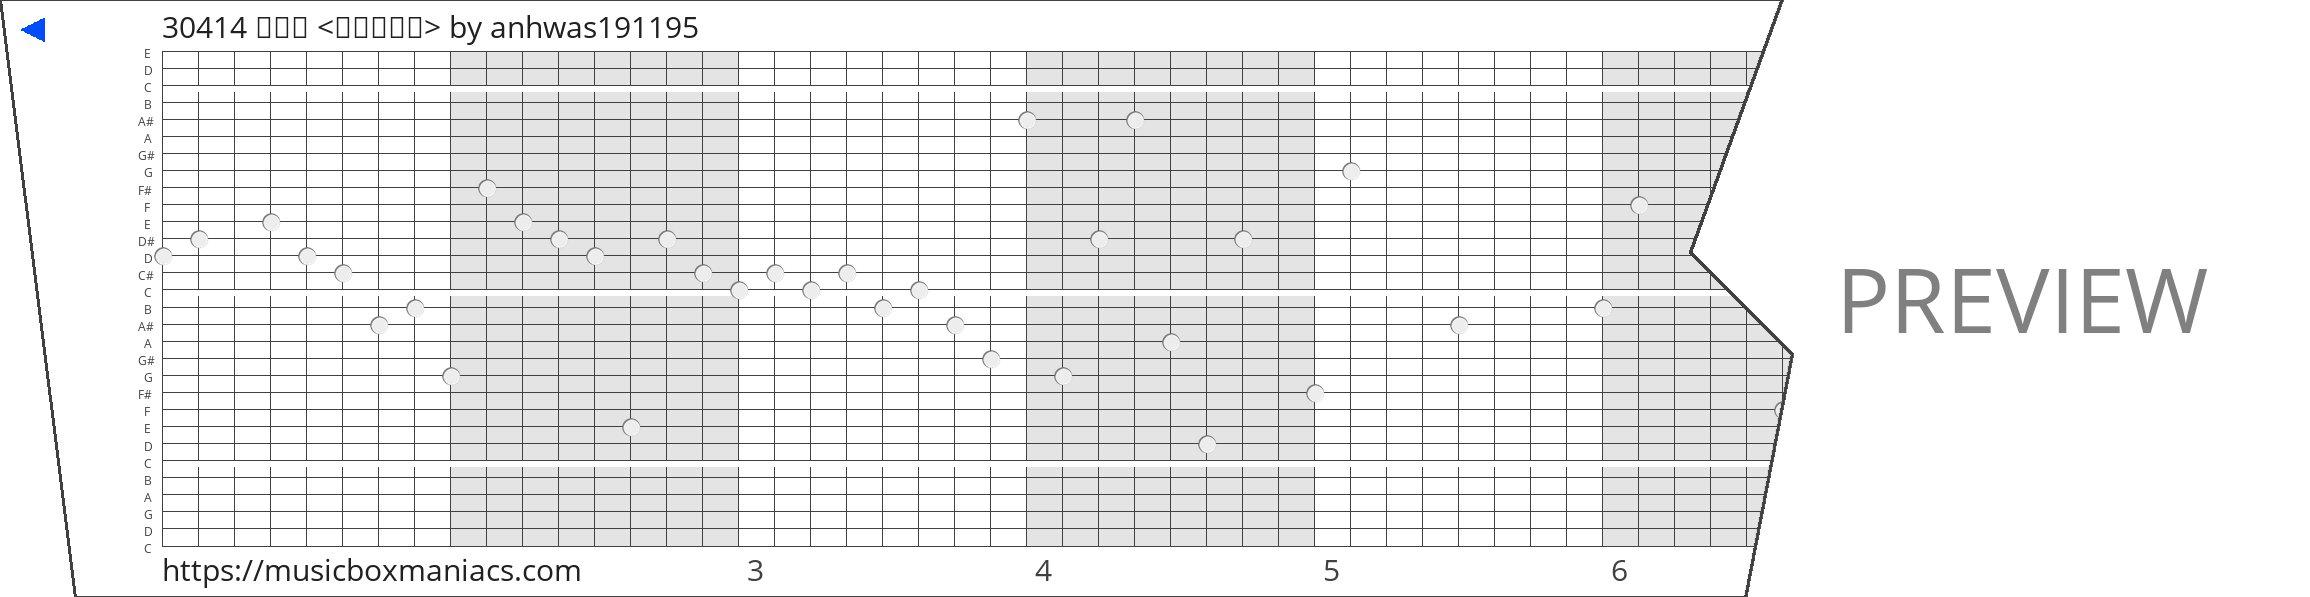 30414 조유진 <나는이십세> 30 note music box paper strip